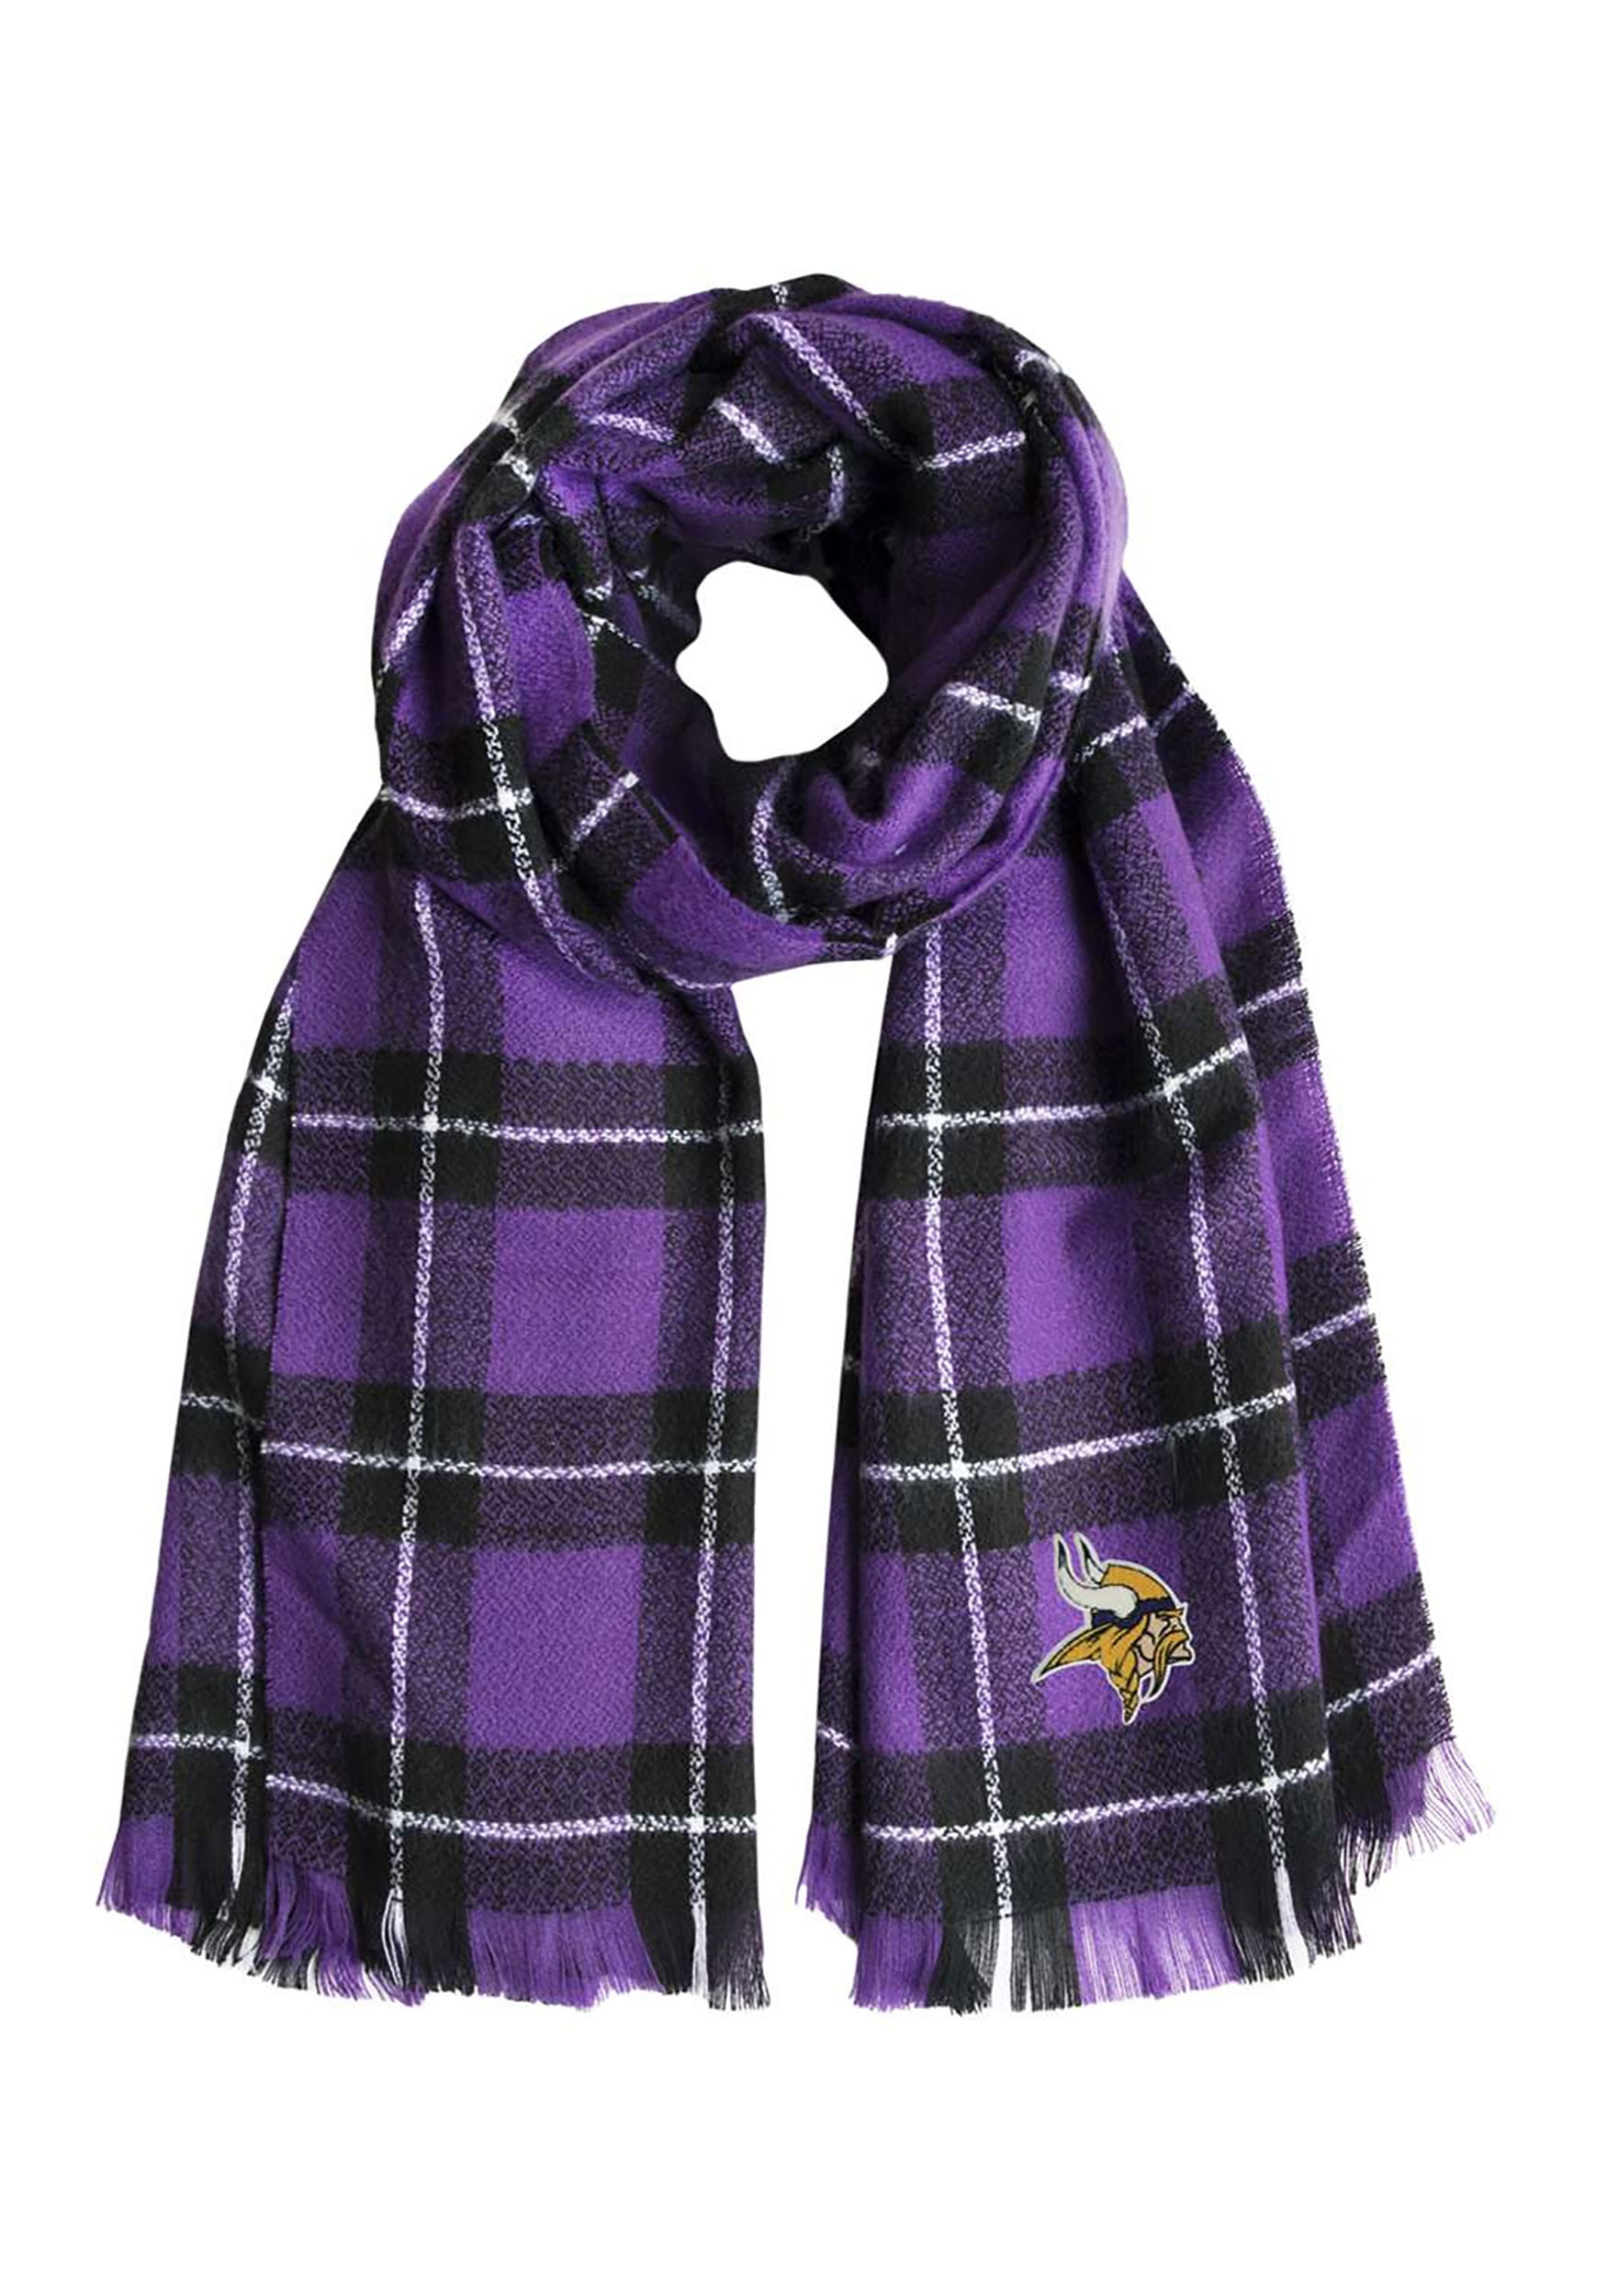 Minnesota Vikings Nfl Purple And Black Plaid Blanket Scarf